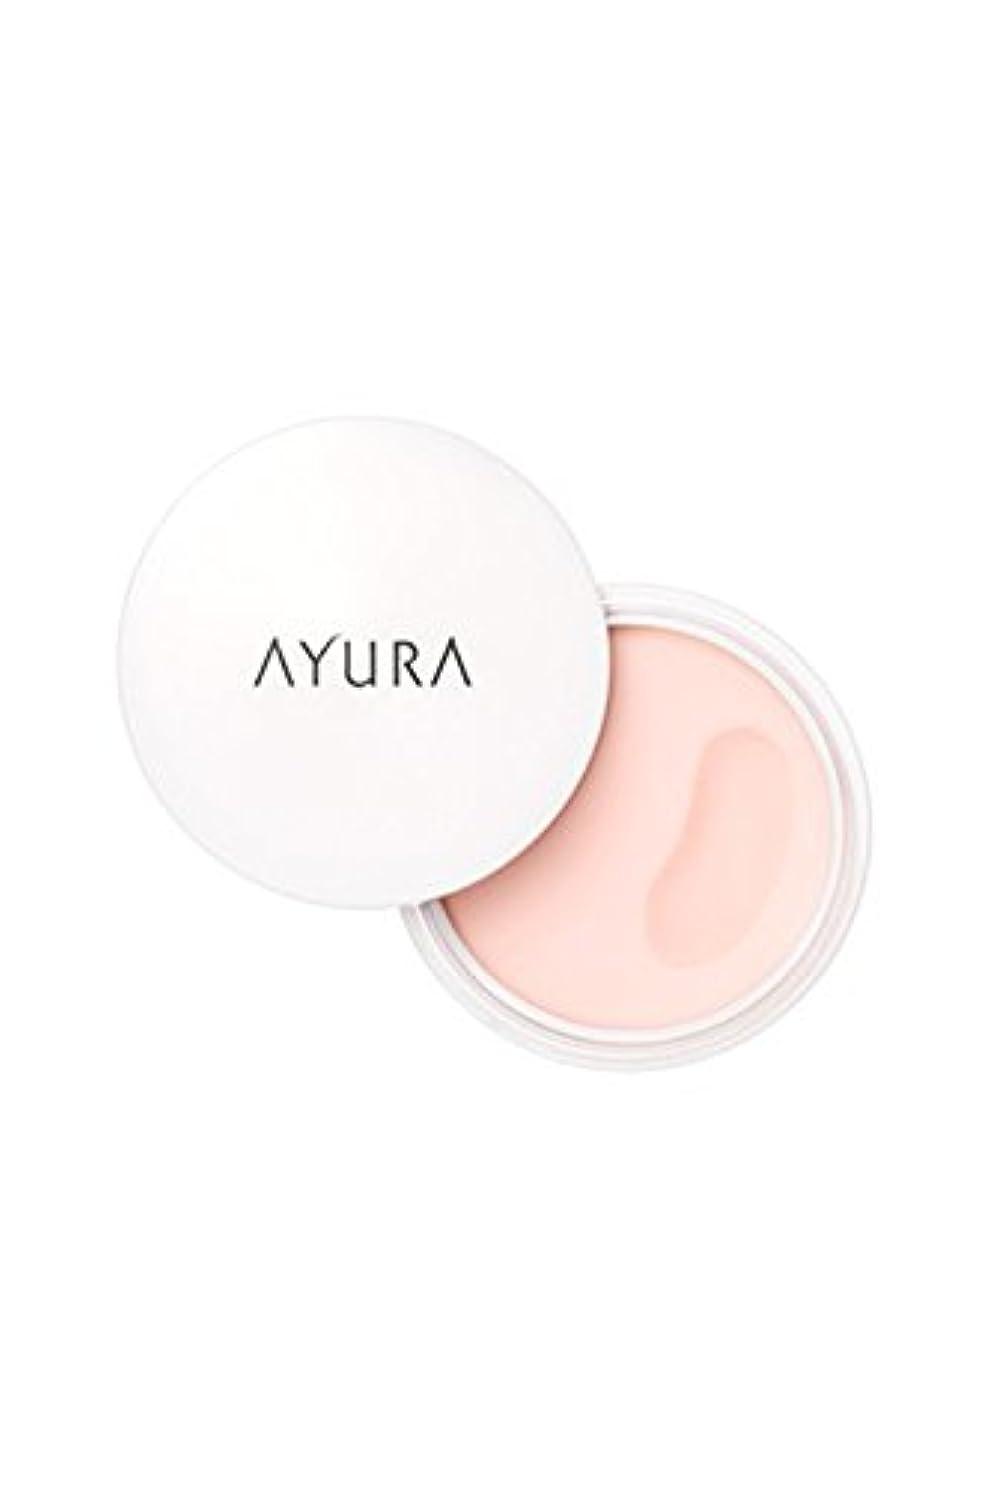 再編成するウガンダプラスチックアユーラ (AYURA) オイルシャットデイセラム < 朝用練り美容液 > 10g 毛穴 化粧くずれ対策練り美容液